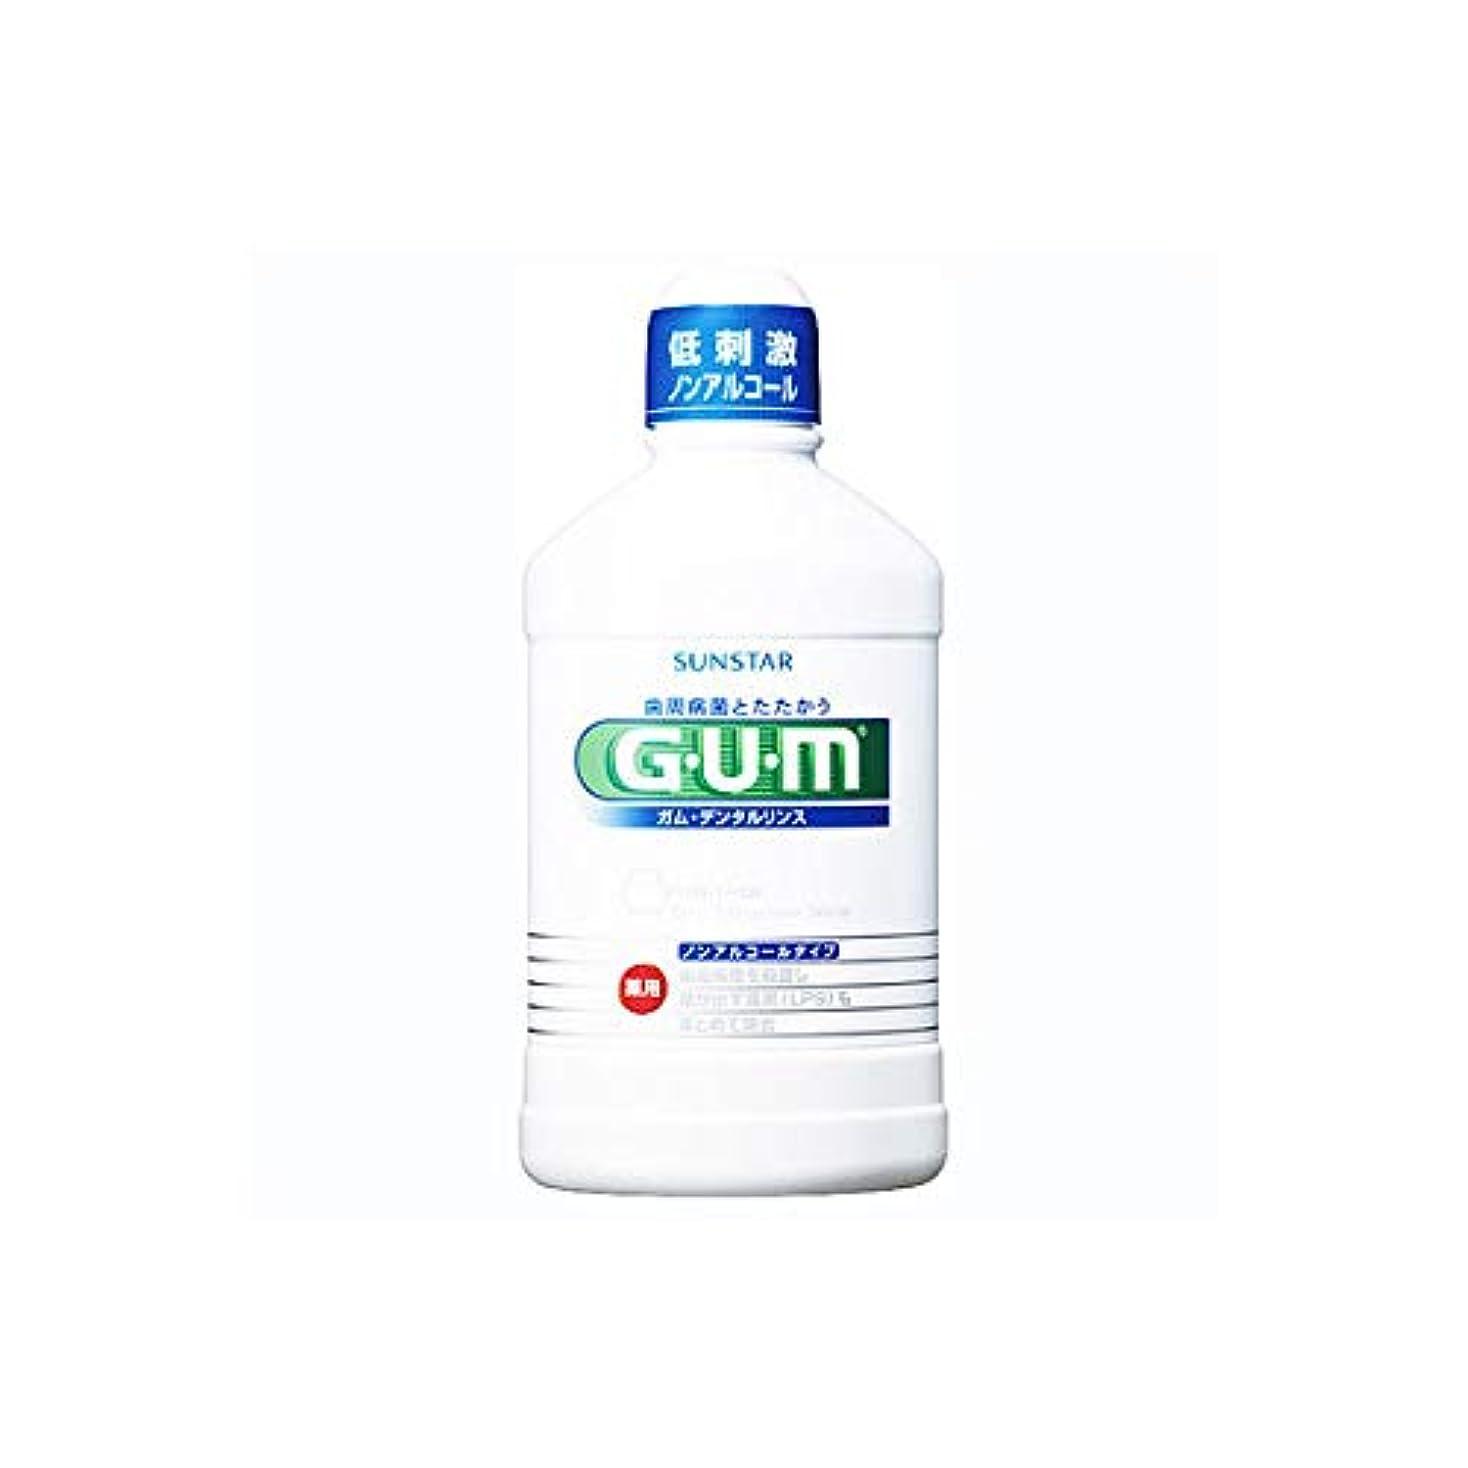 コントロールバリア振り返るGUM(ガム)?デンタルリンス (ノンアルコールタイプ) 500mL (医薬部外品)